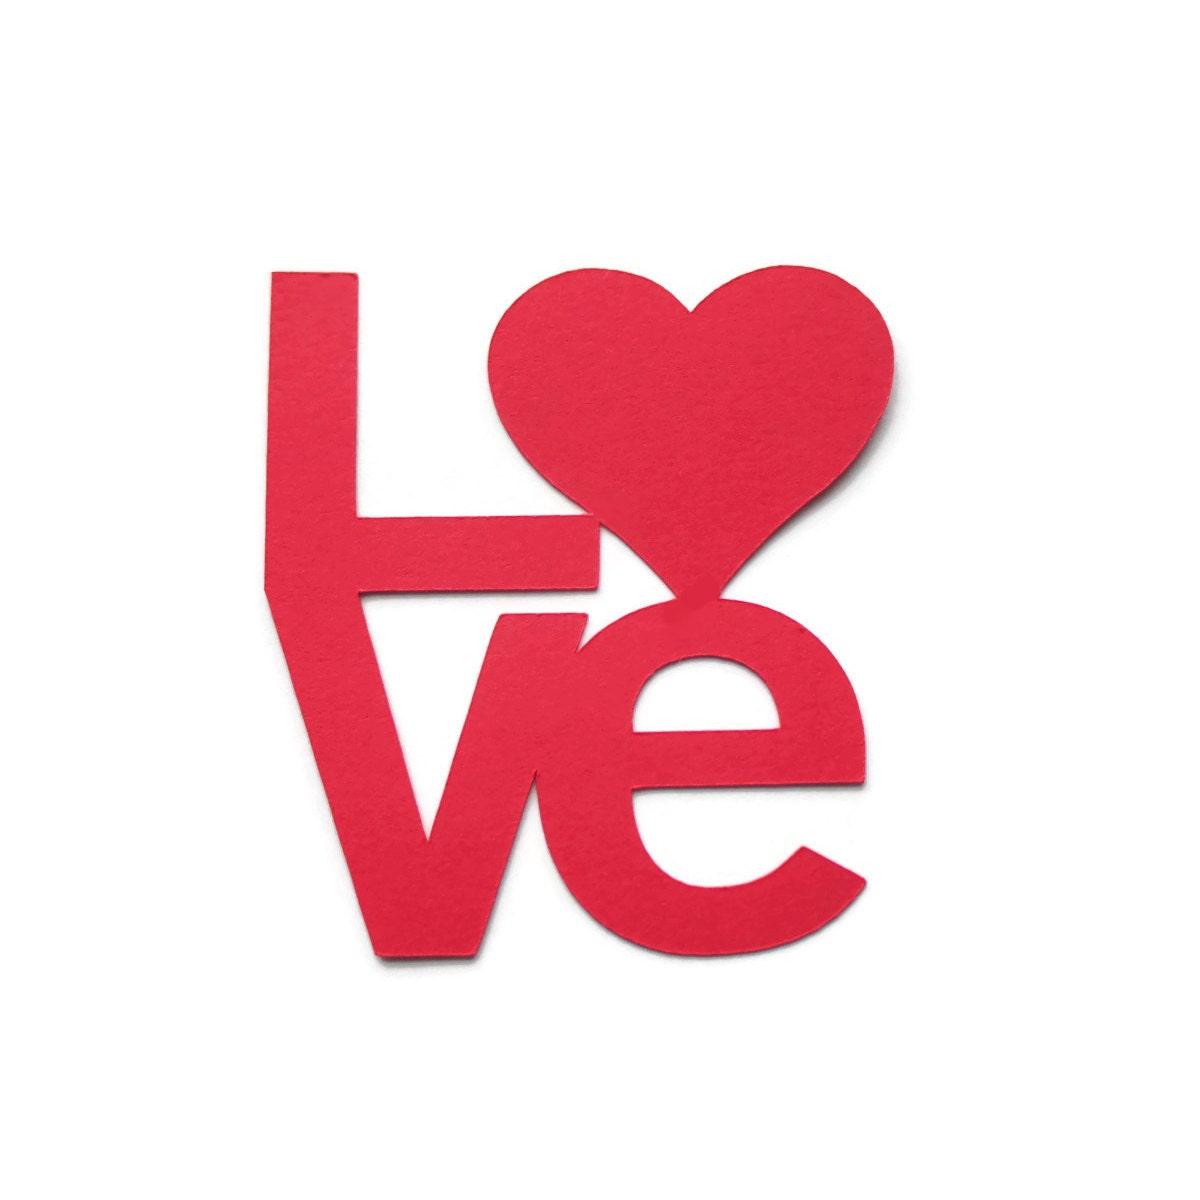 Heart Die Cuts Valentine's Day Die Cut Love Die Cut